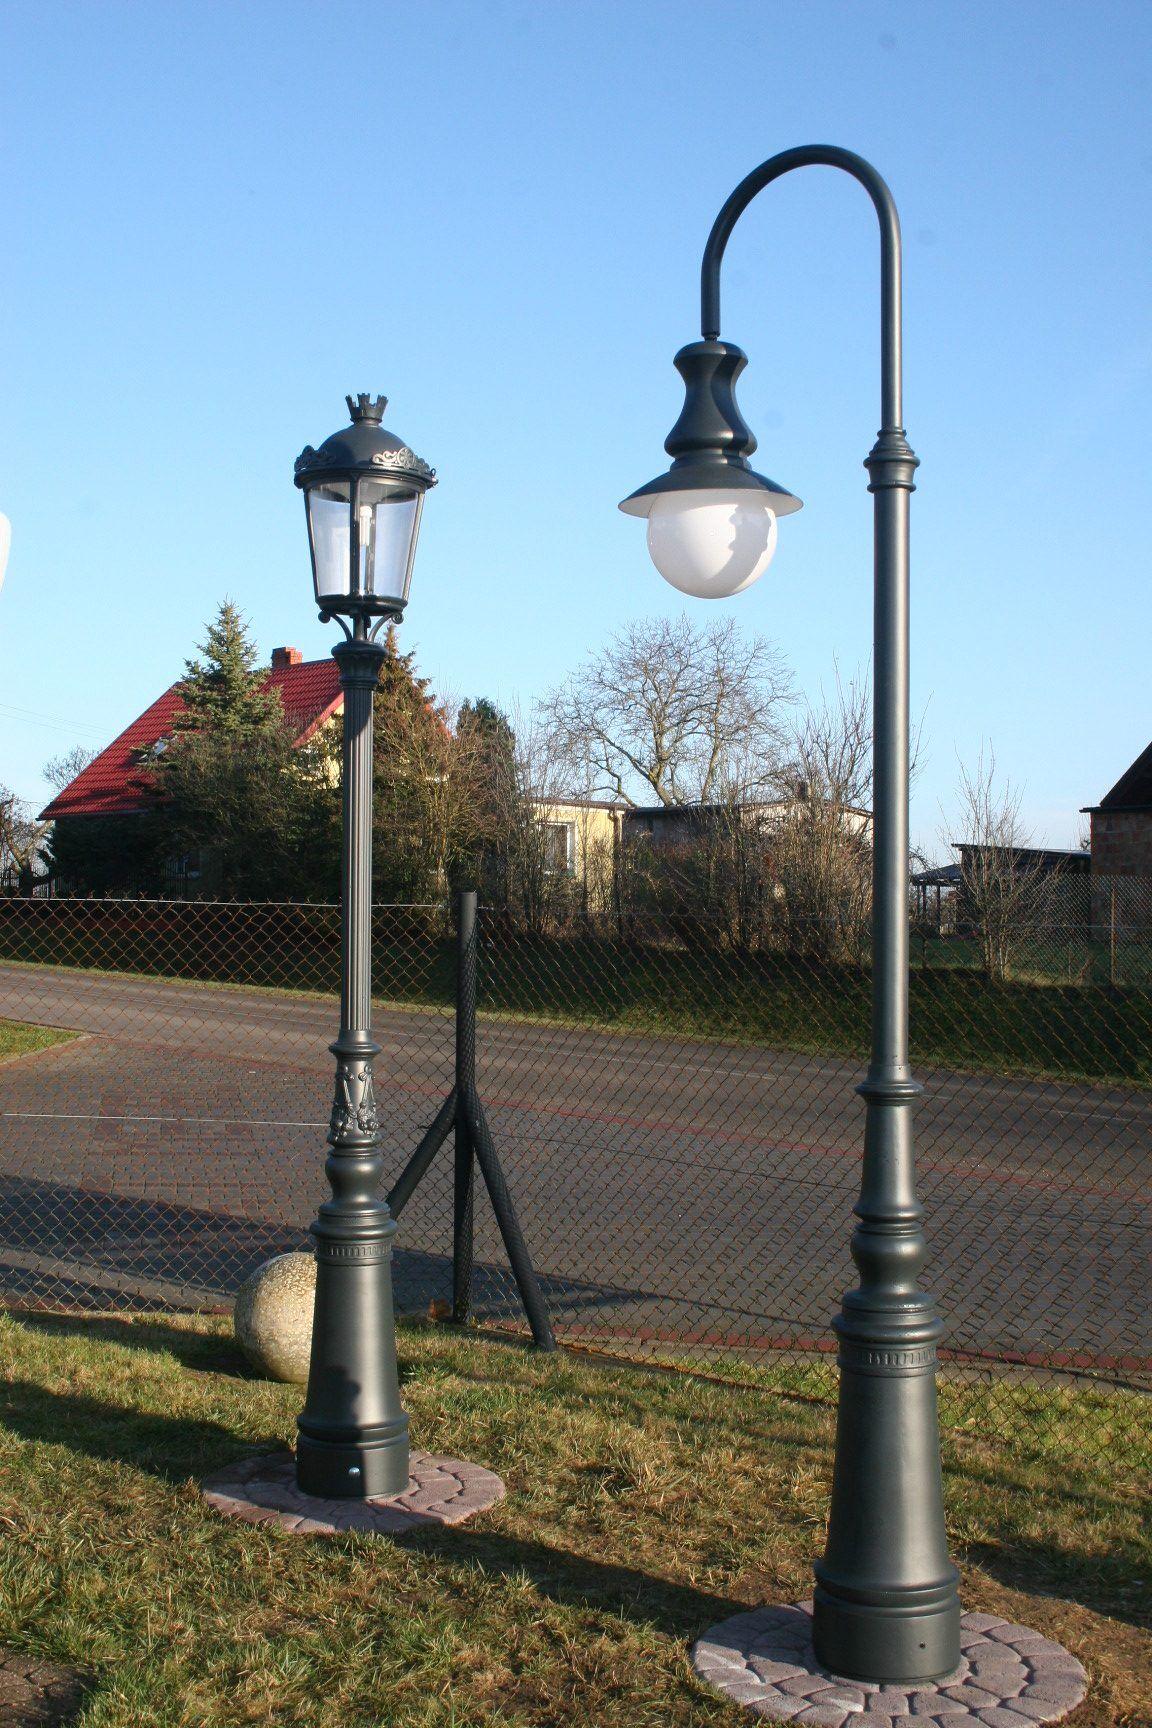 latarnia ogrodowa, stylowa latarnia parkowa, oświetlenie ogrodowe